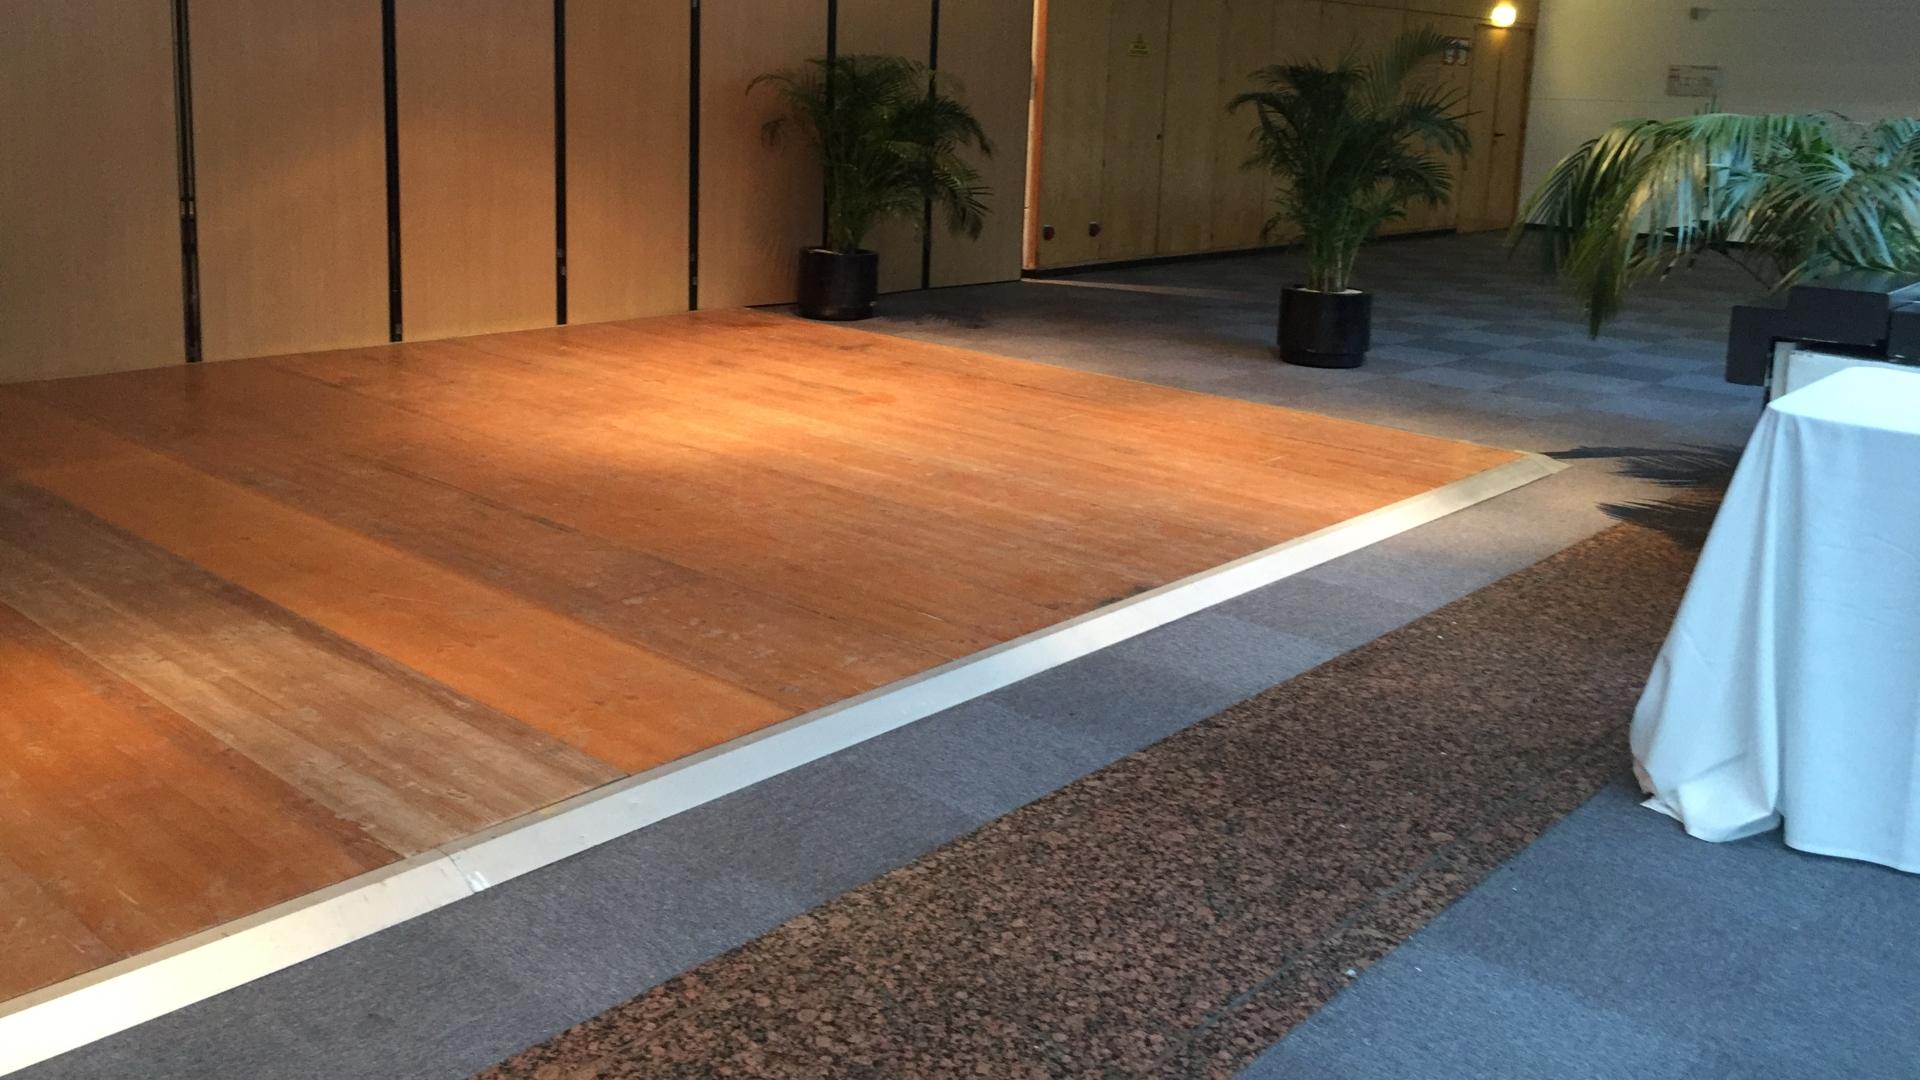 SML - Plancher piste de danse